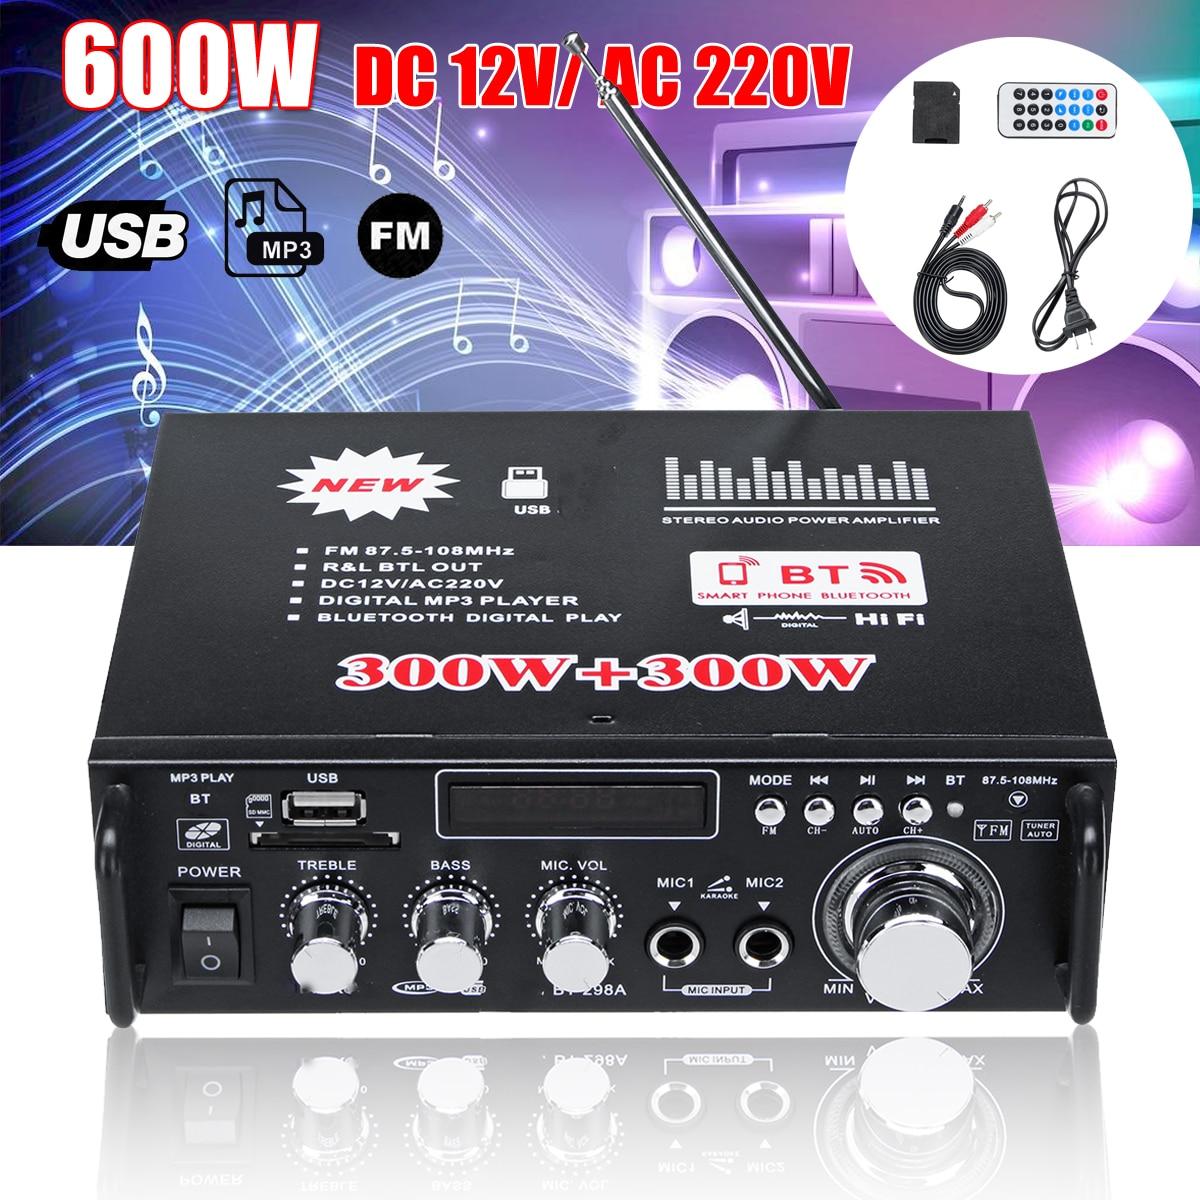 600 w 12 v 220 v USB De Voiture Bluetooth HiFi Stéréo Audio Amplificateur de Puissance Télécommande pour Voiture Auto Accueil audio USB Flash Disque Radio